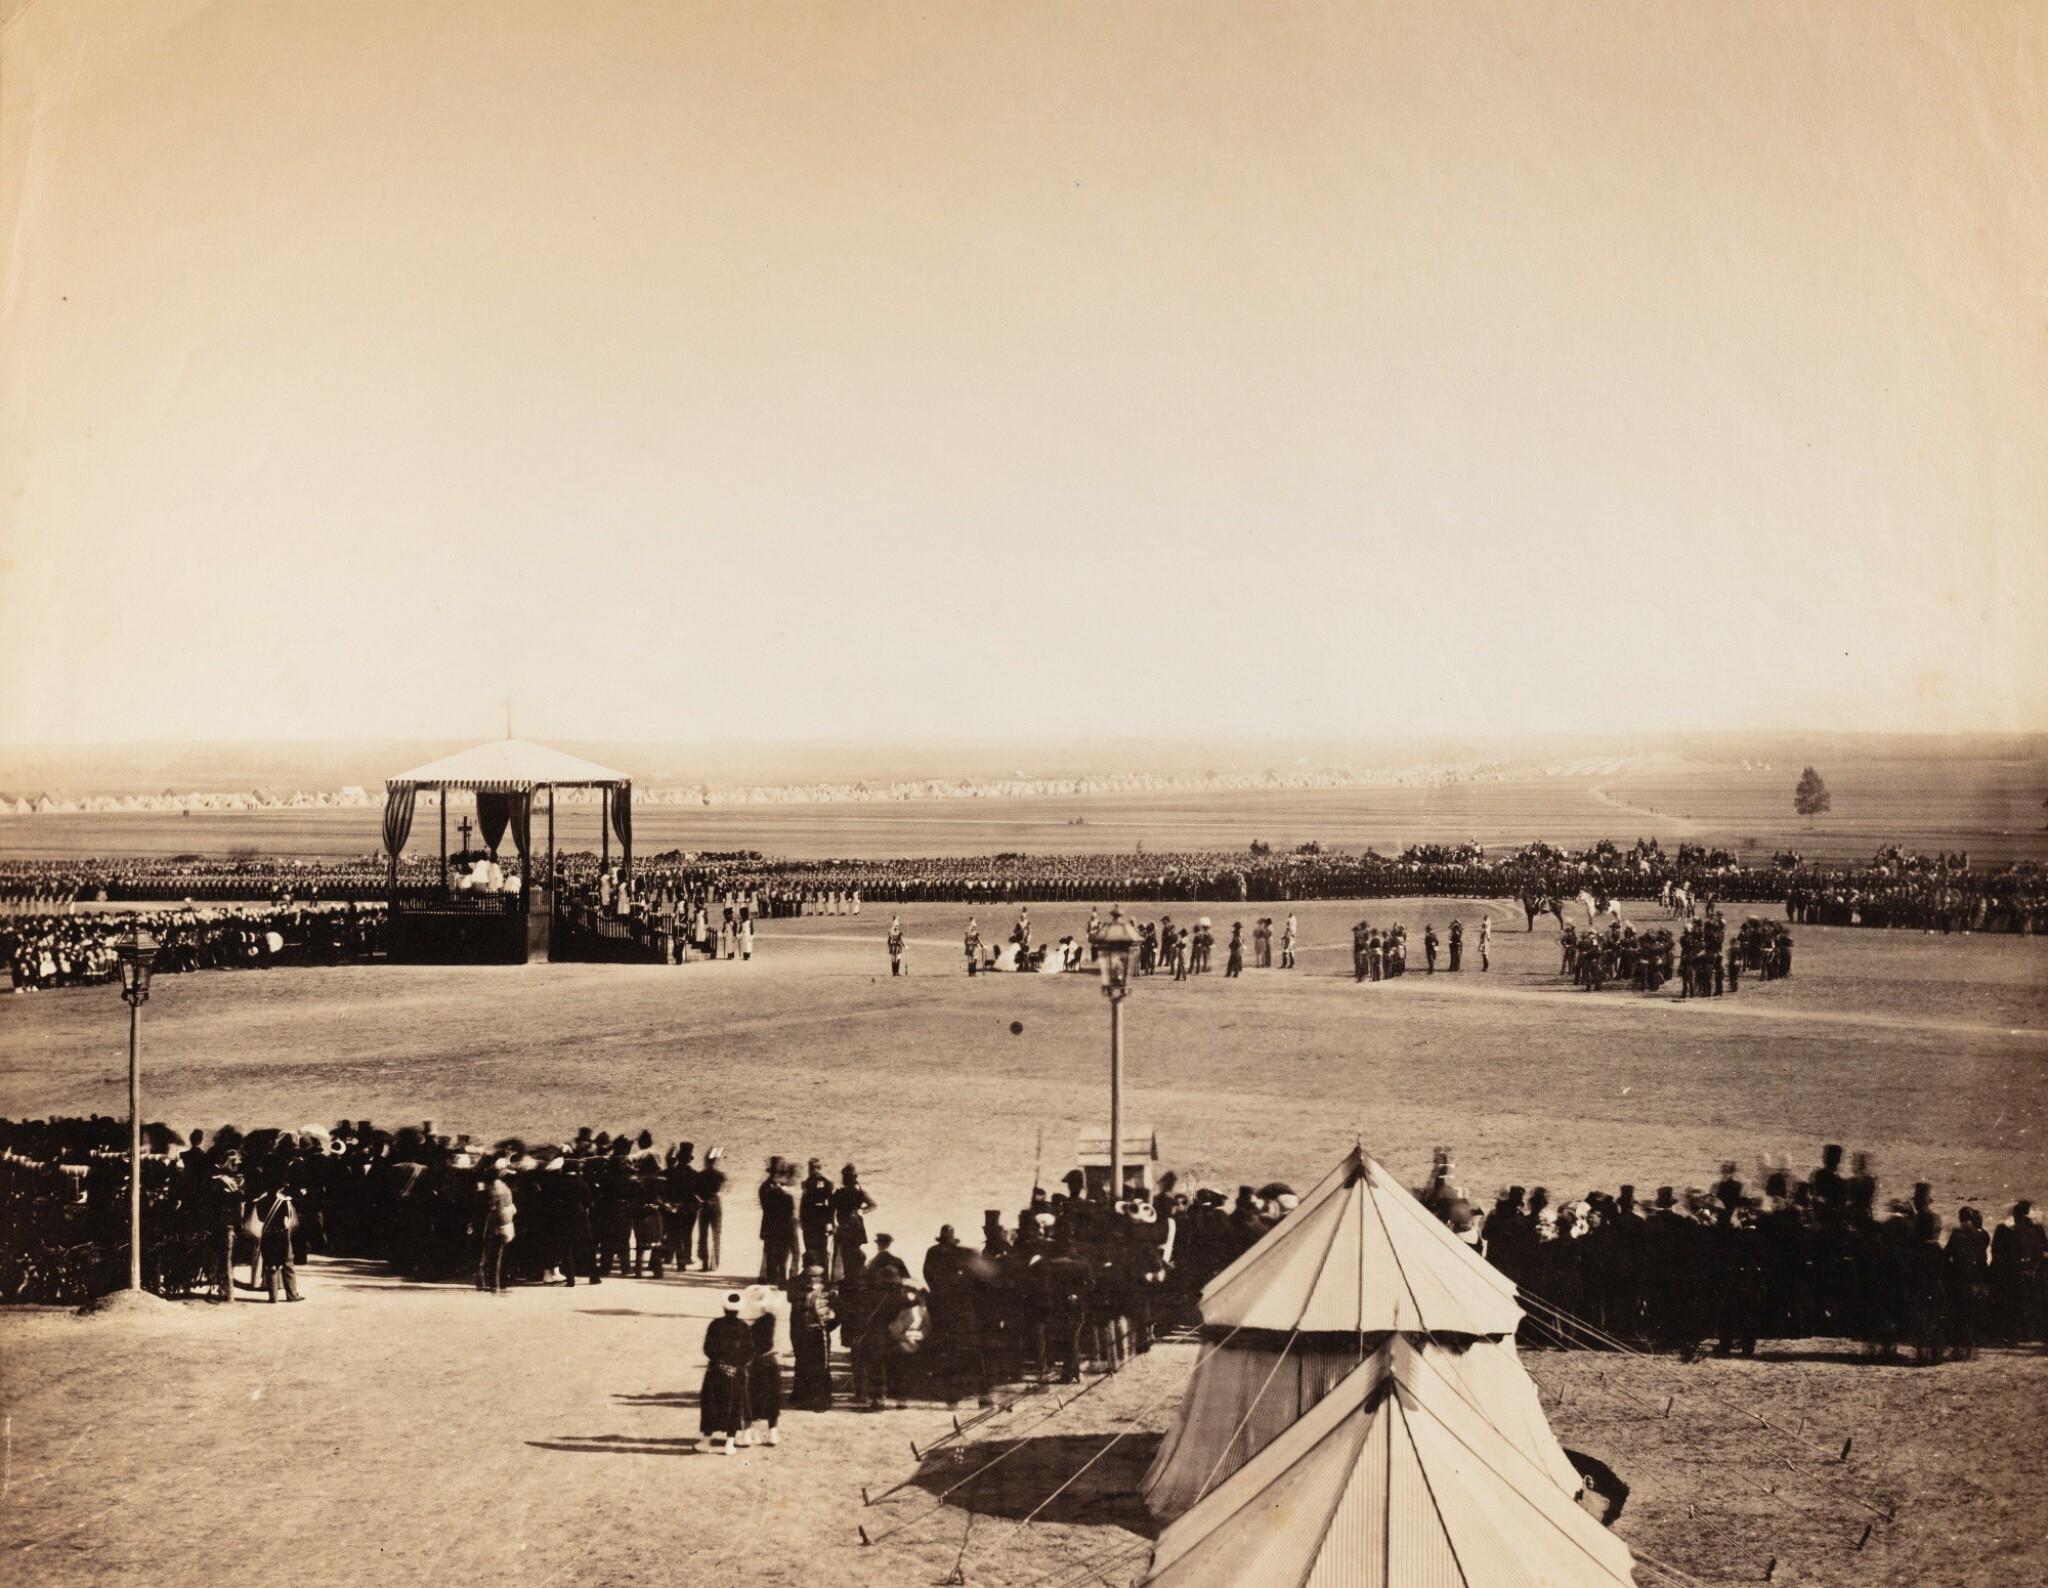 View full screen - View 1 of Lot 2. GUSTAVE LE GRAY | LA MESSE DU 4 OCTOBRE, CAMP DE CHÂLONS, 1857  MANOEUVRES DE CAVALERIE, CAMP DE CHÂLONS, 1857.